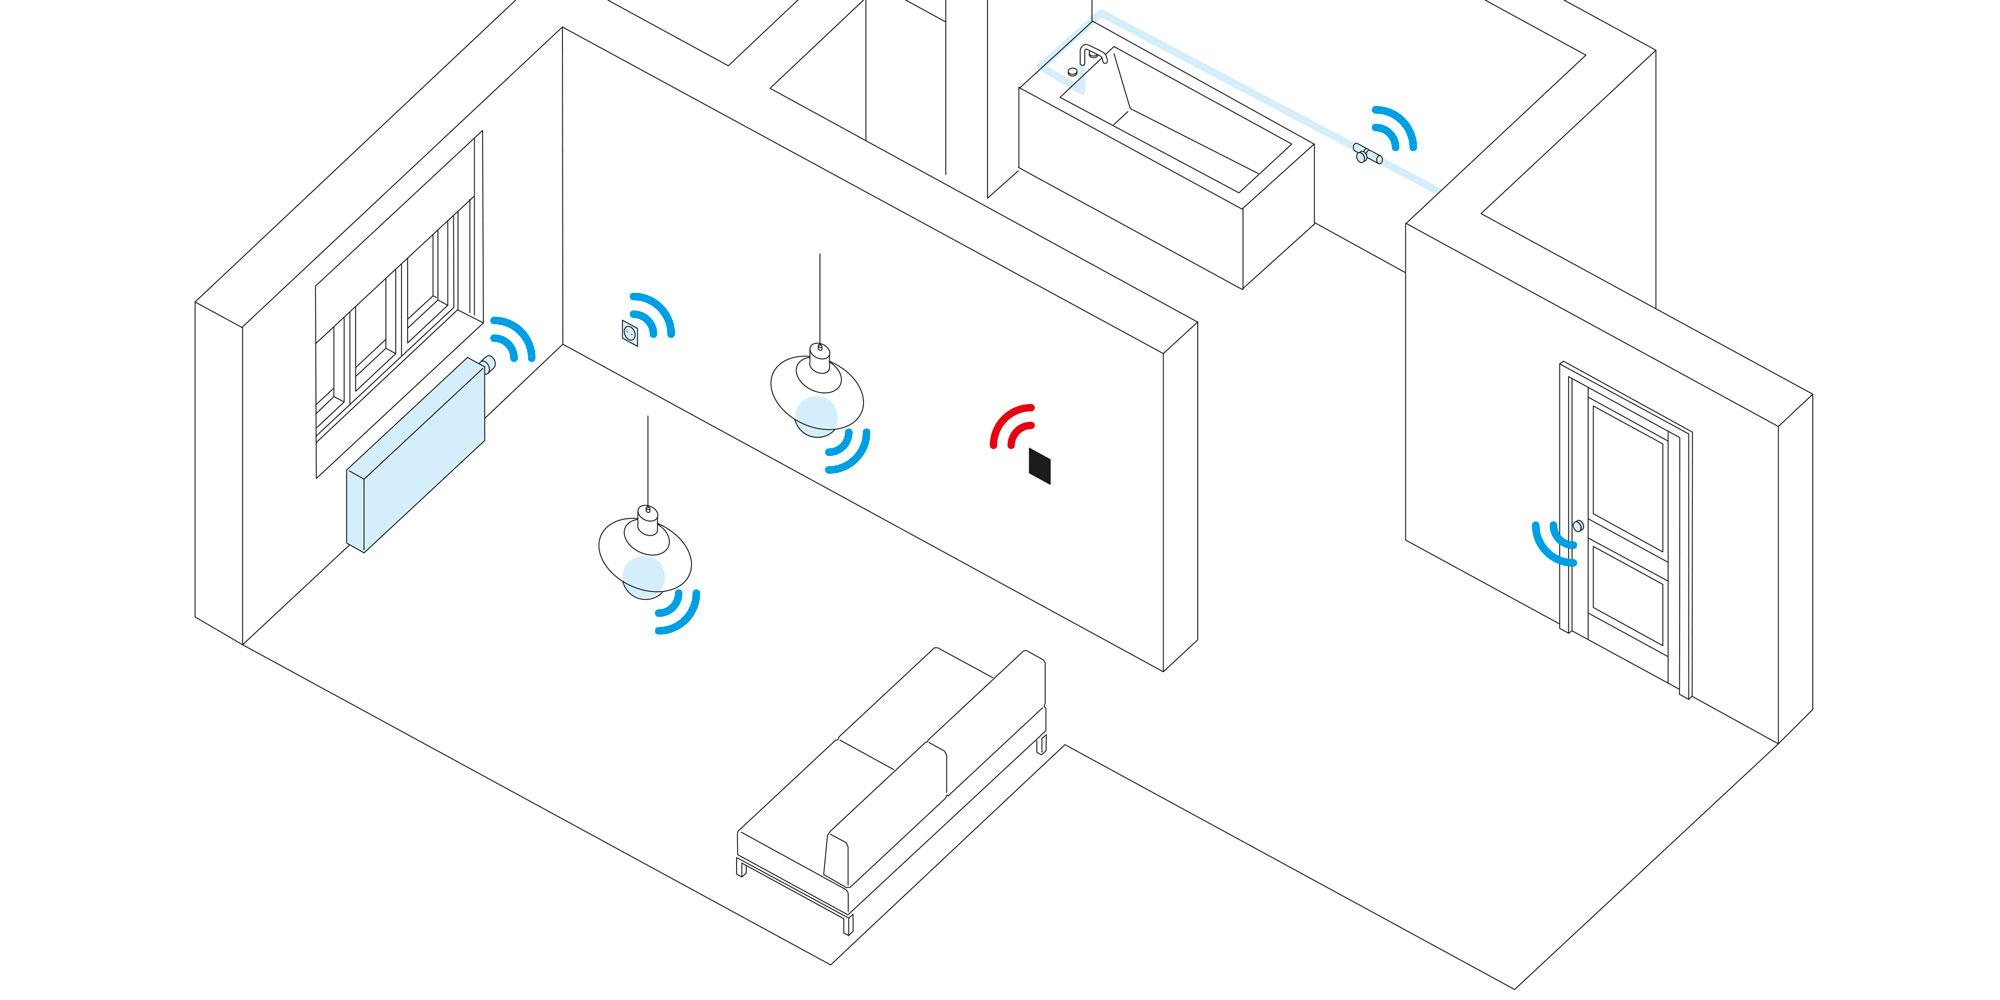 homie_schemat_jak_dziala_panel_zwave_smart_home